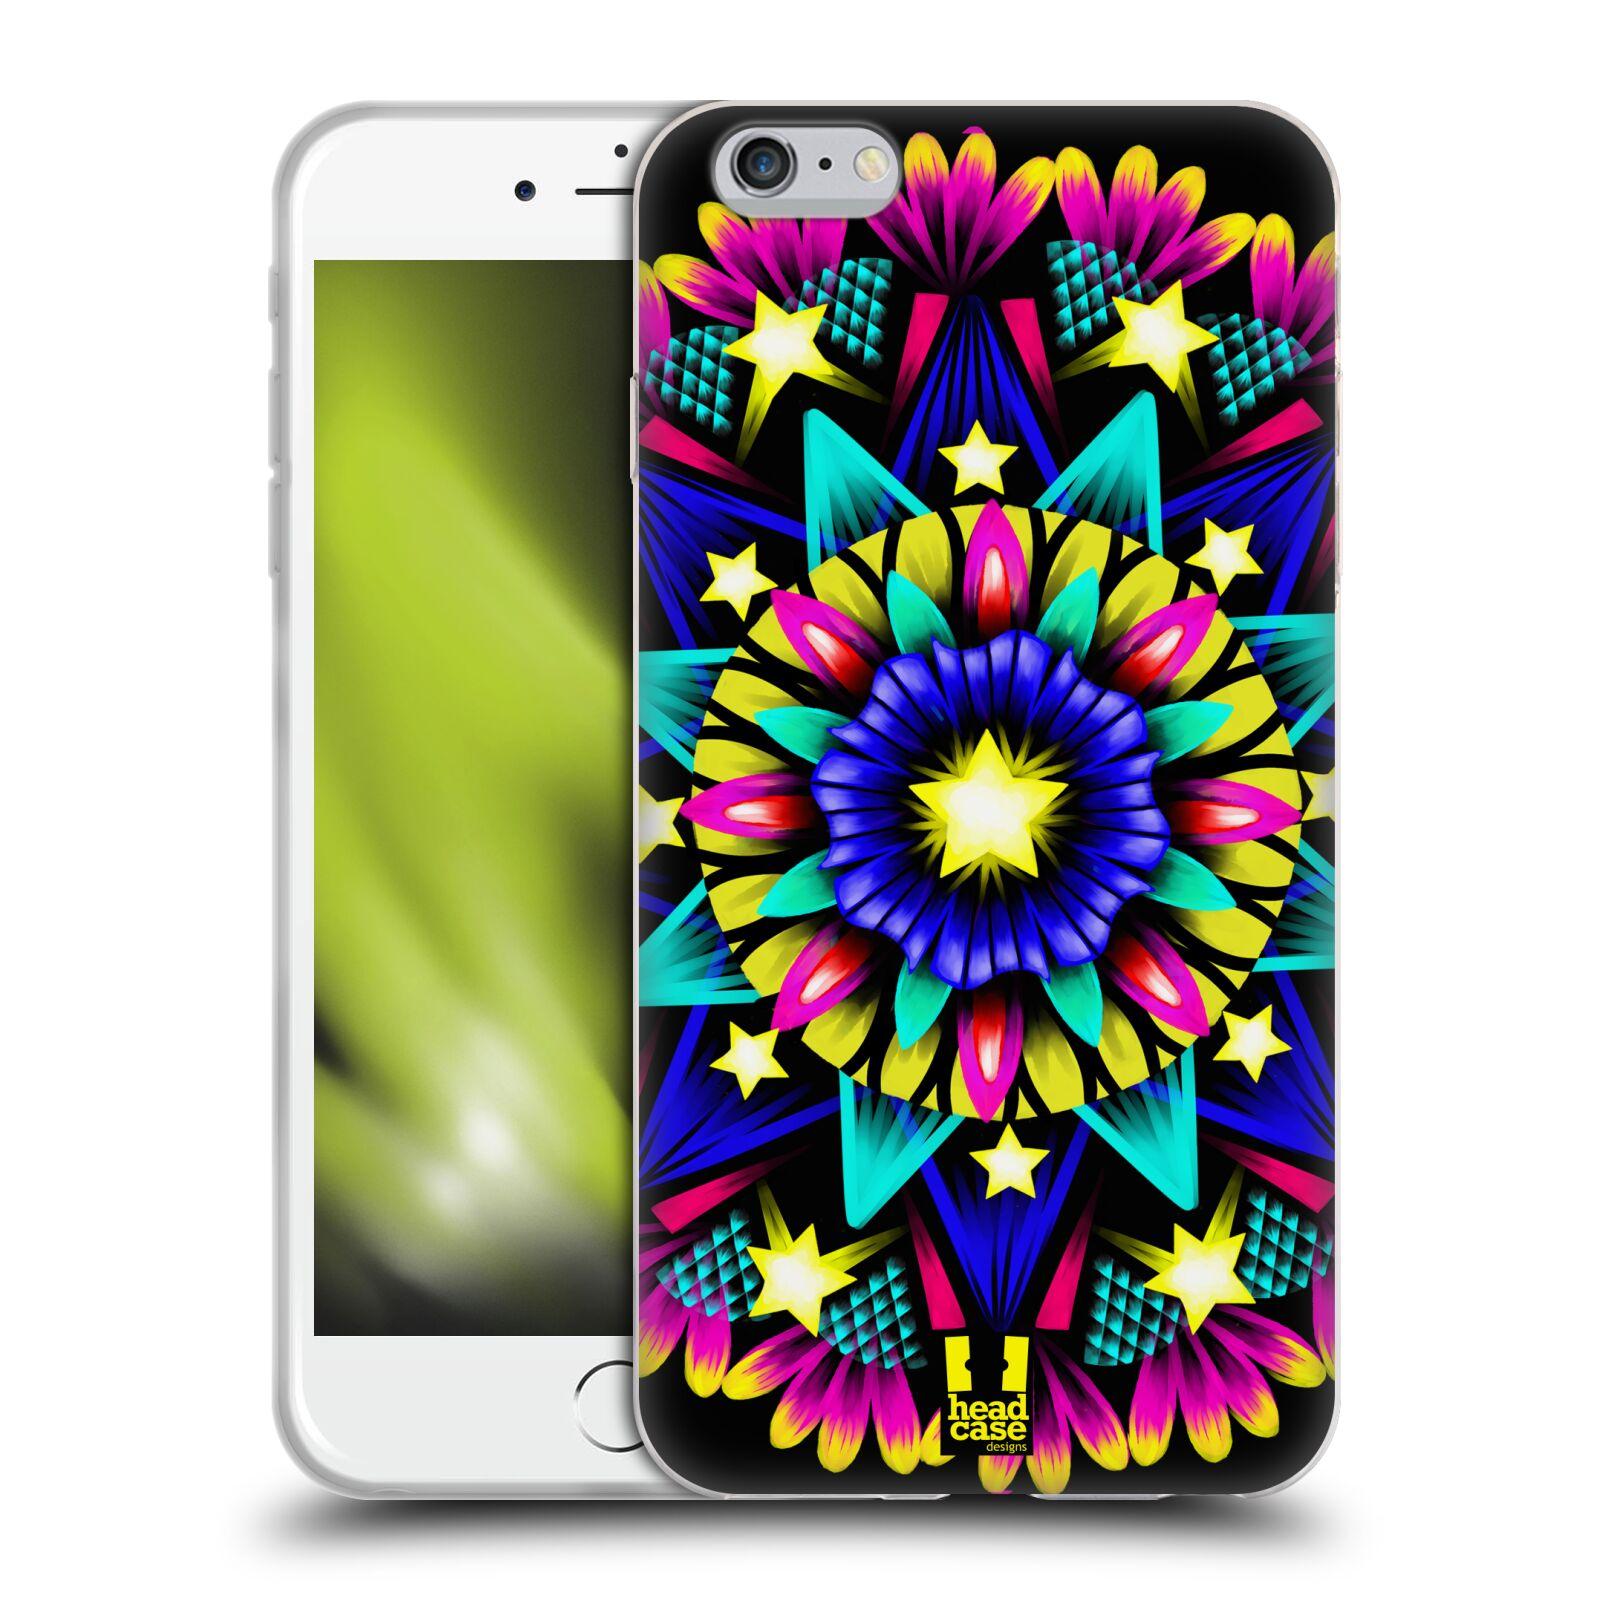 HEAD CASE silikonový obal na mobil Apple Iphone 6 PLUS/ 6S PLUS vzor Indie Mandala kaleidoskop barevný vzor HVĚZDA